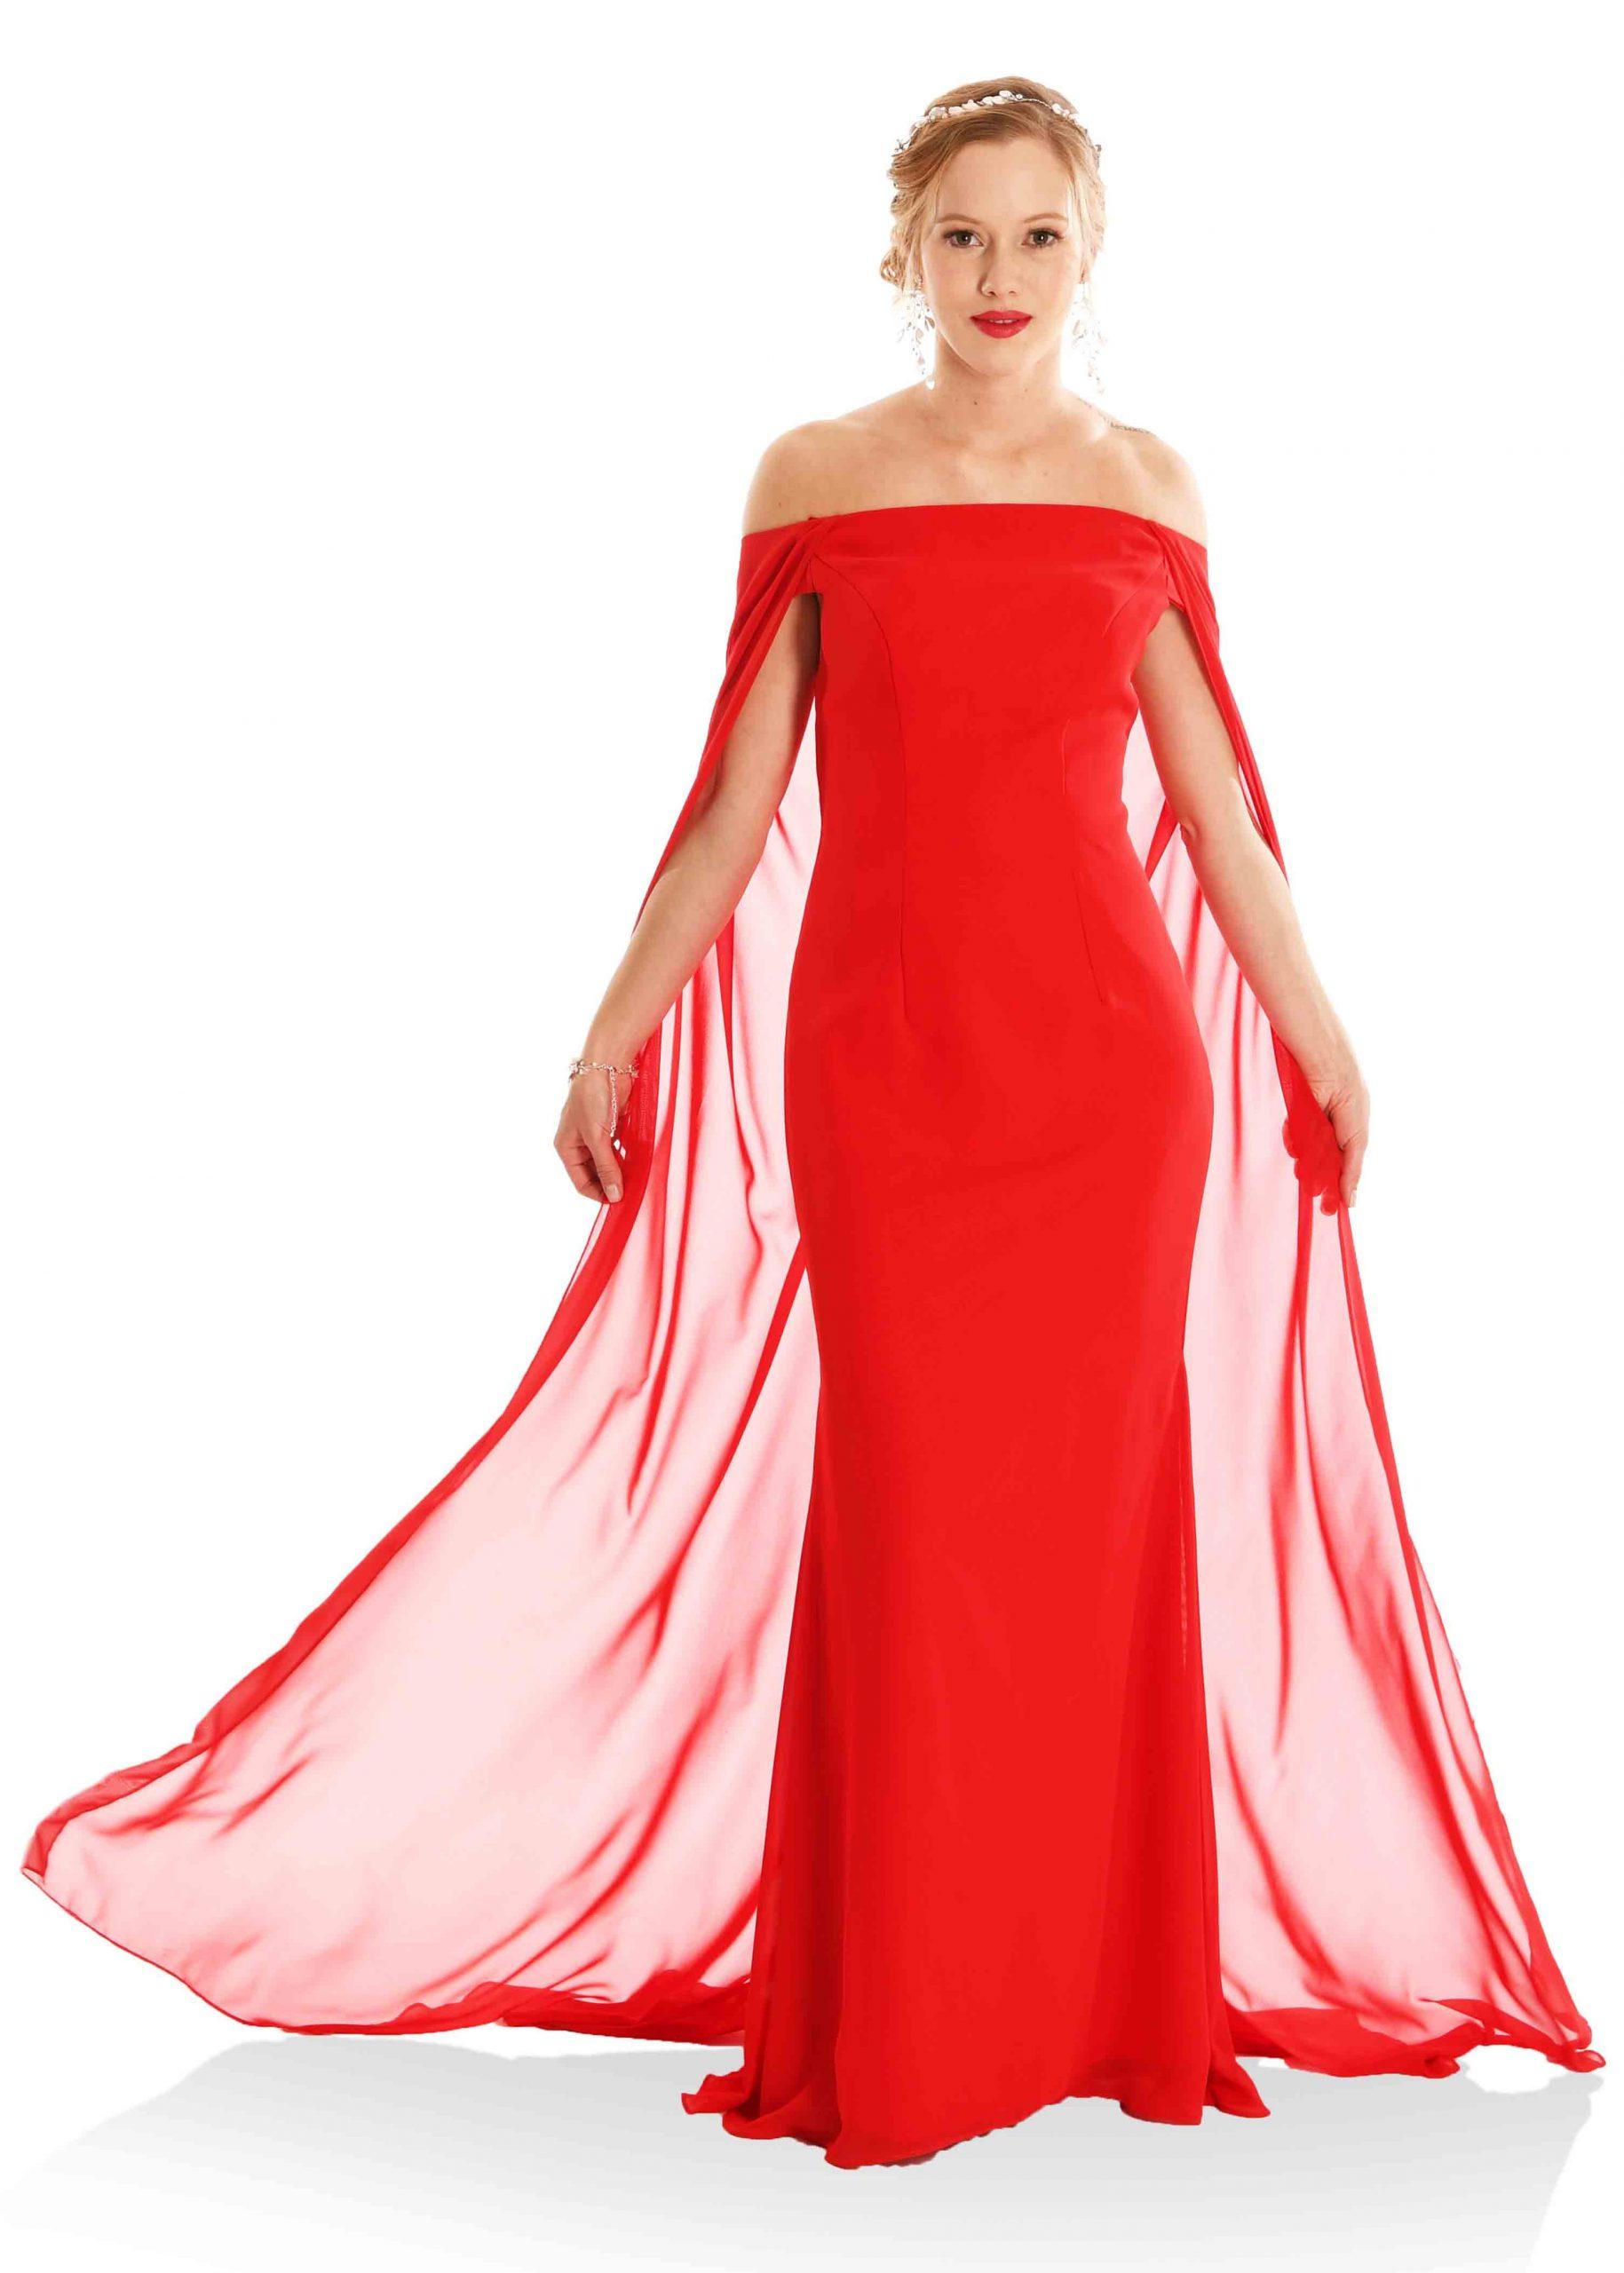 Schön Abendbekleidung Damen Zweiteiler ÄrmelFormal Spektakulär Abendbekleidung Damen Zweiteiler Vertrieb